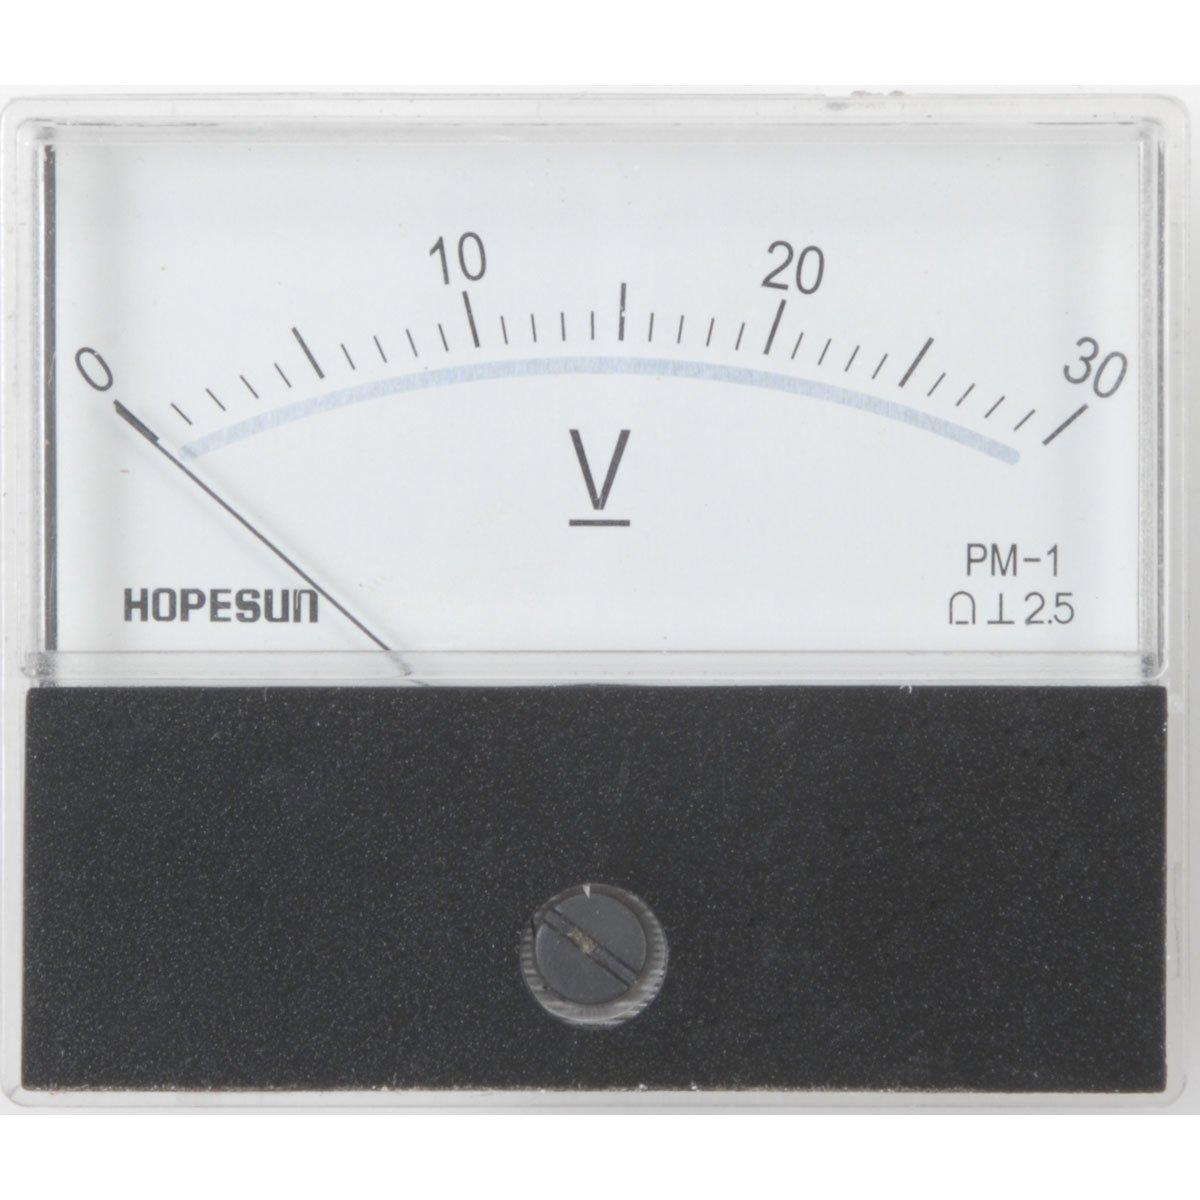 Velleman AVM7030 30 Vdc Panel Meter, 2.8